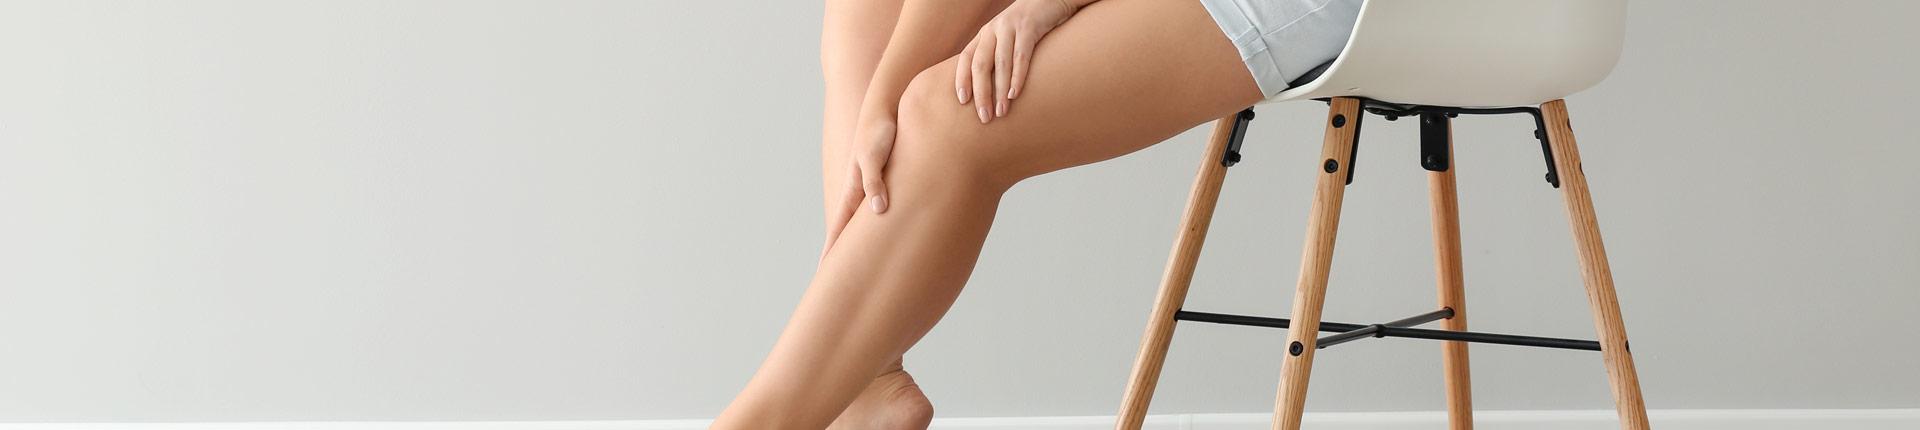 Zespół niespokojnych nóg (RLS) - co to takiego?